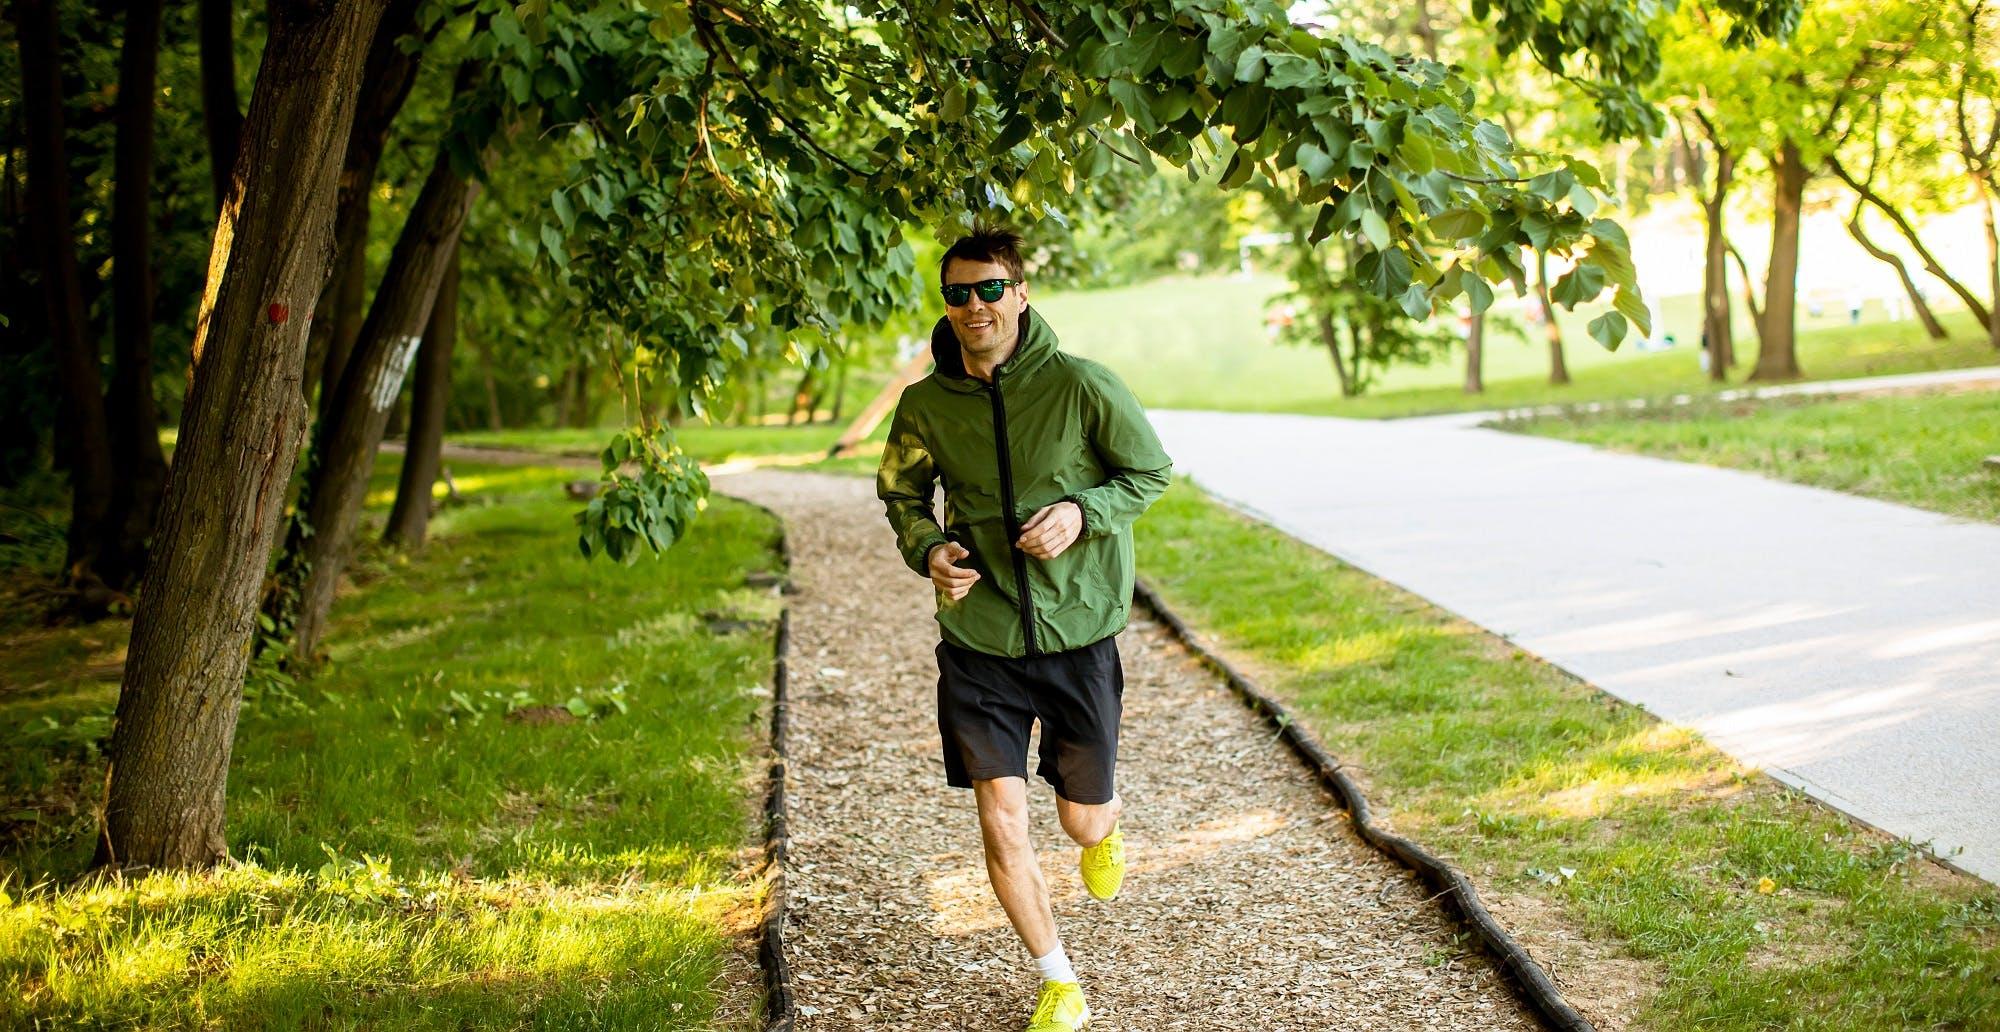 Γιατί να τρέξετε εύκολα; Τα οφέλη τουeasyrun